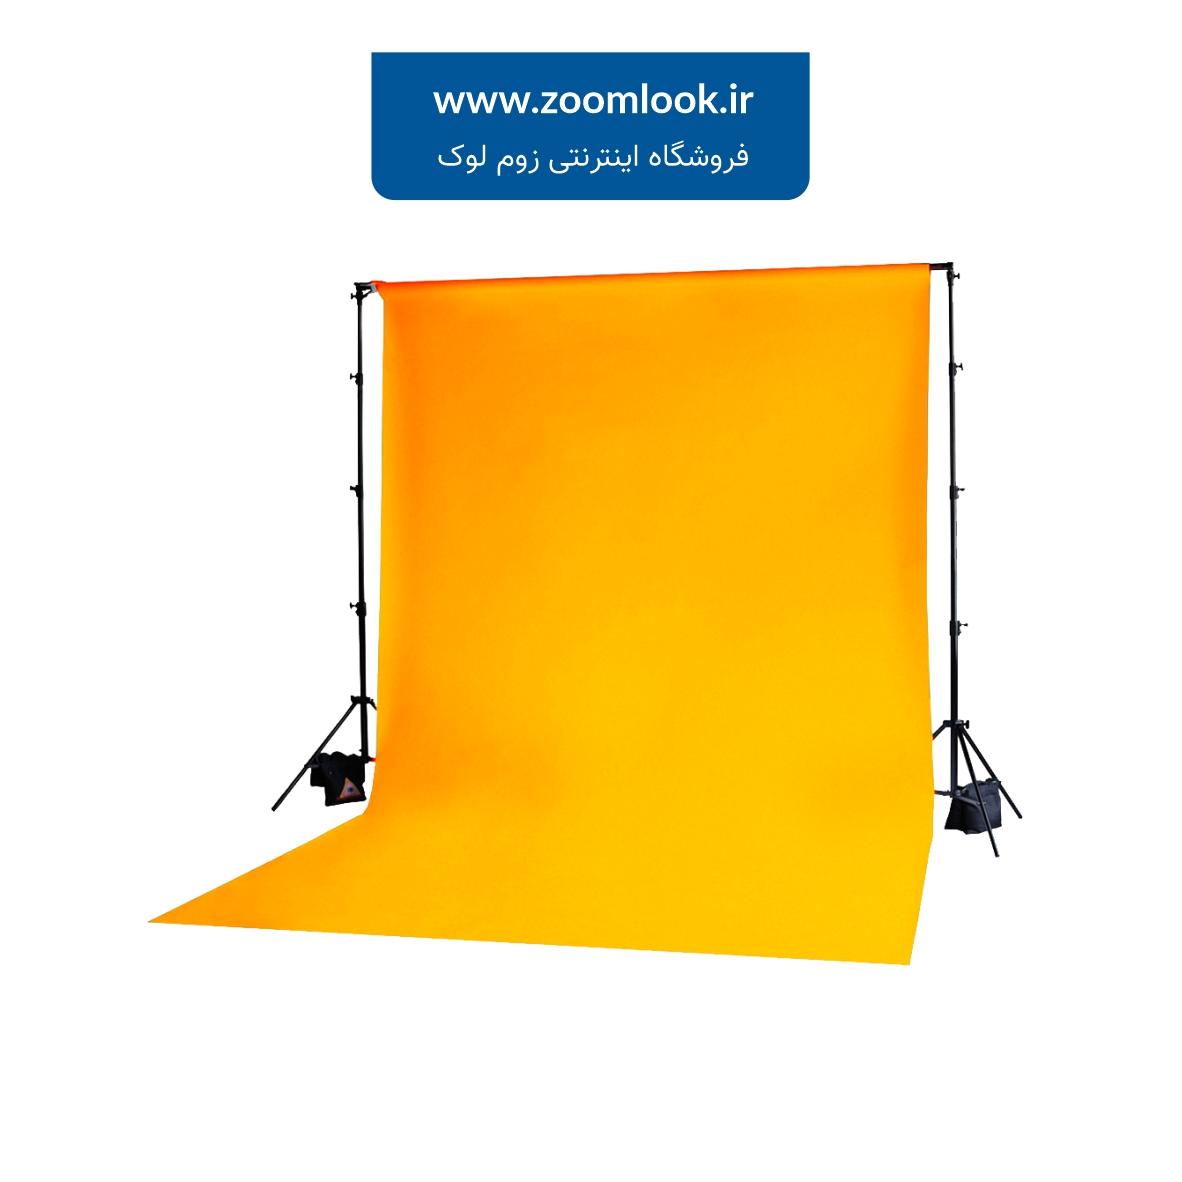 فون شطرنجی عکاسی نارنجی 5×3